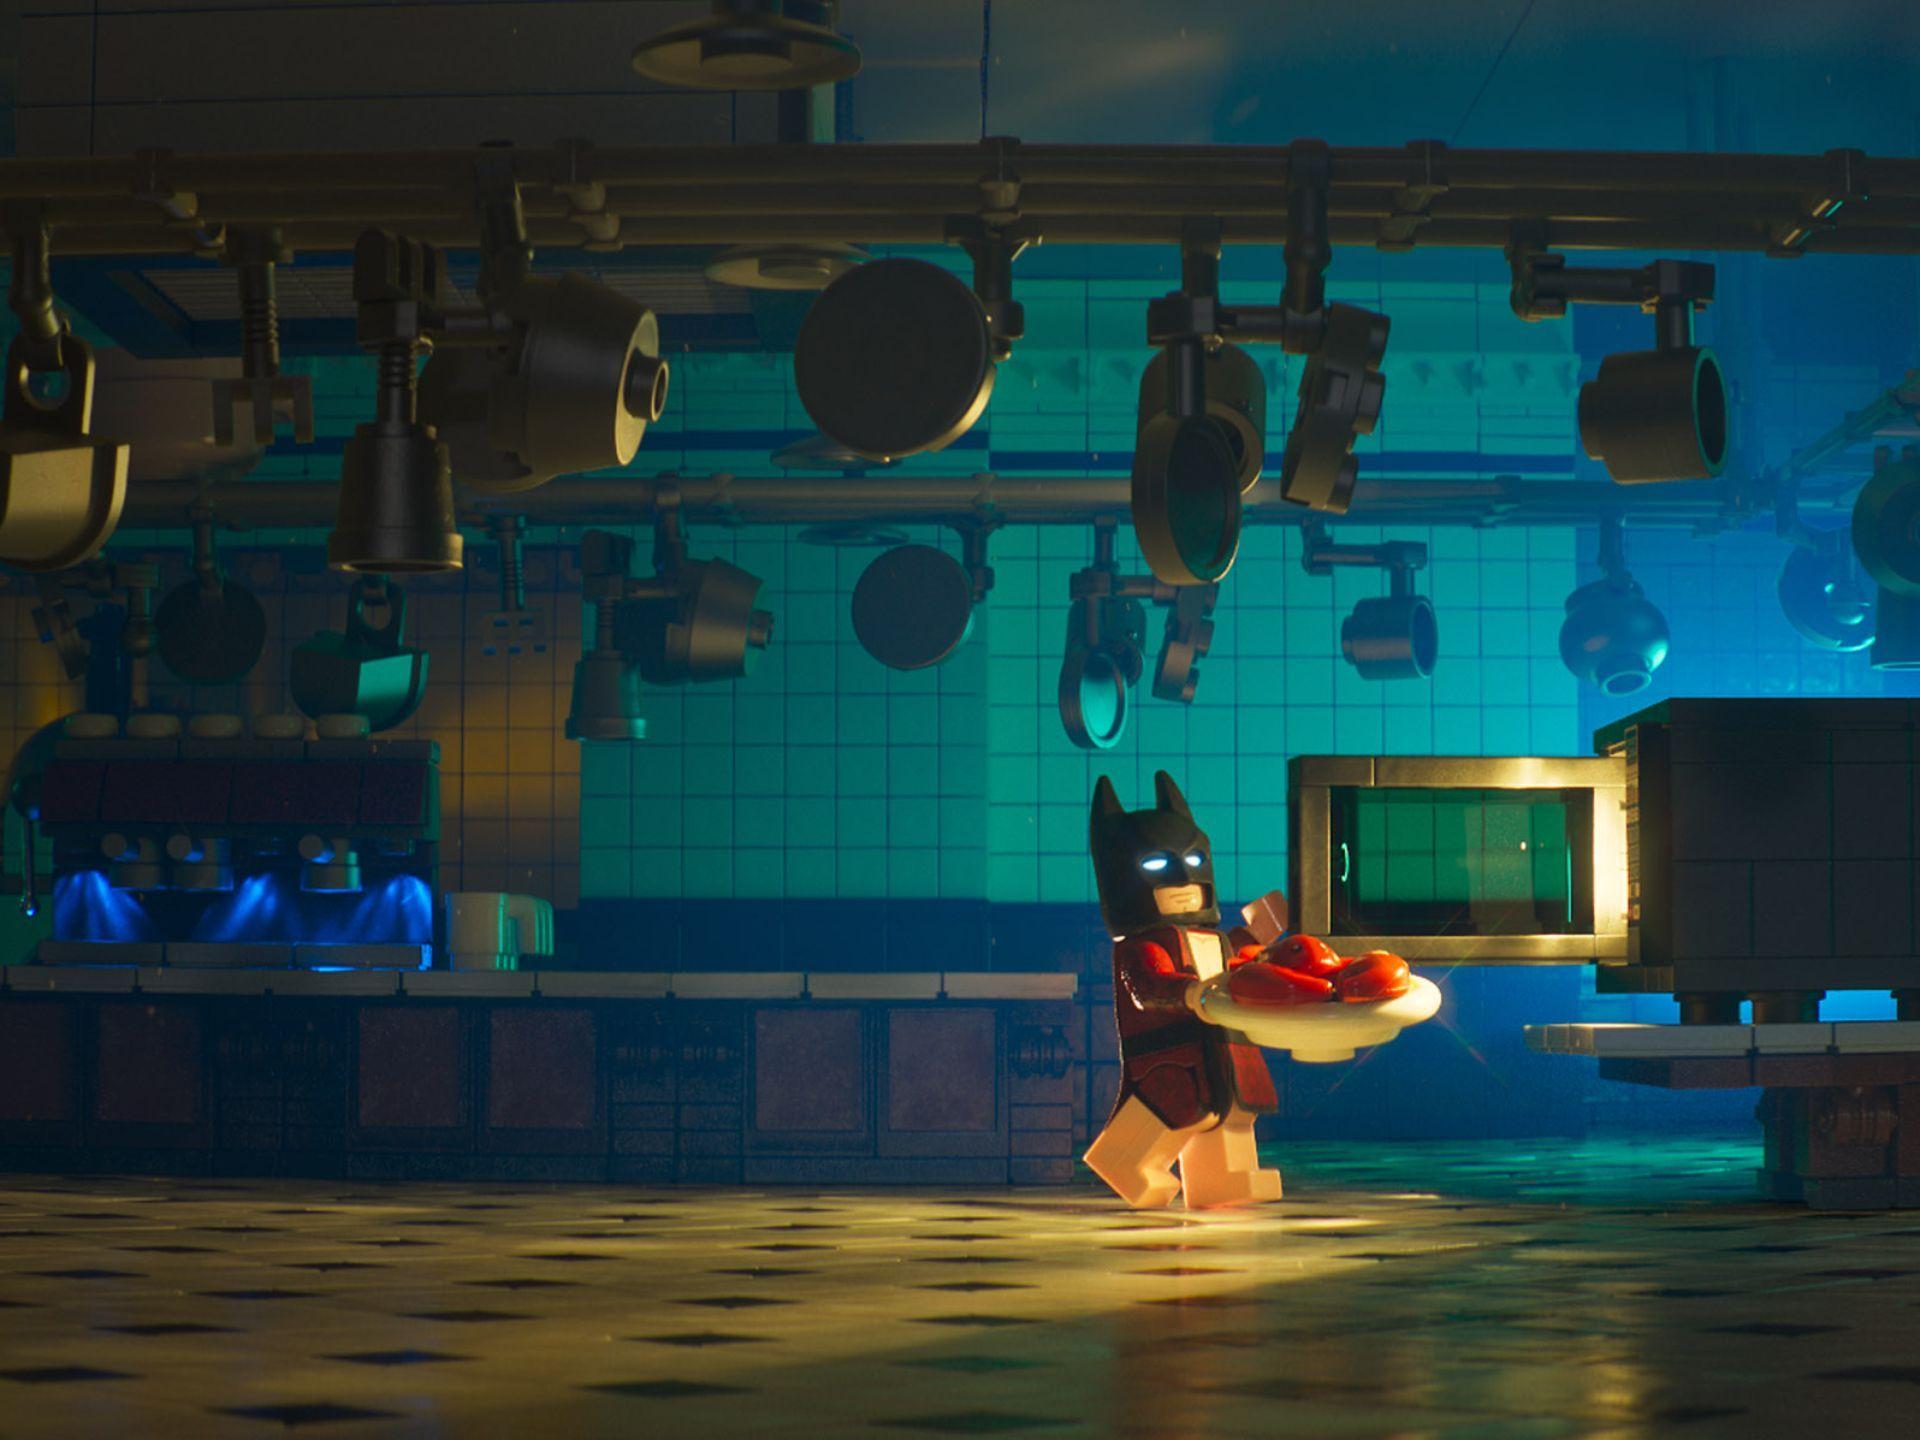 VU3uyXM6SEewaP5sW27w_Batman_Lego_movie_03